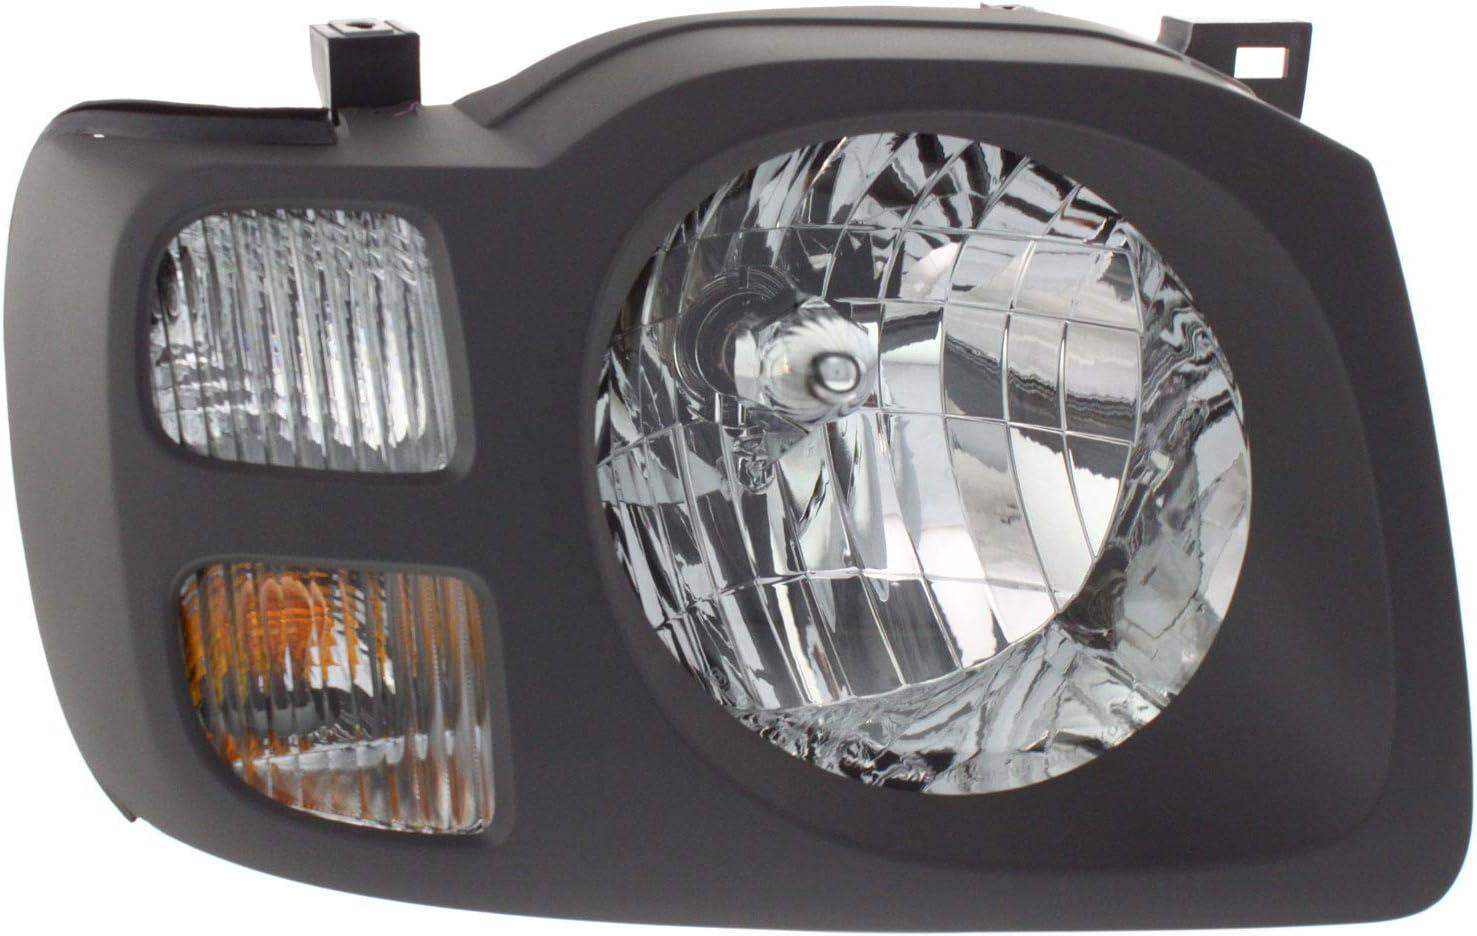 Garage-Pro Headlight for NISSAN XTERRA Halogen 激安通販 大人気! Assembly 02-04 RH